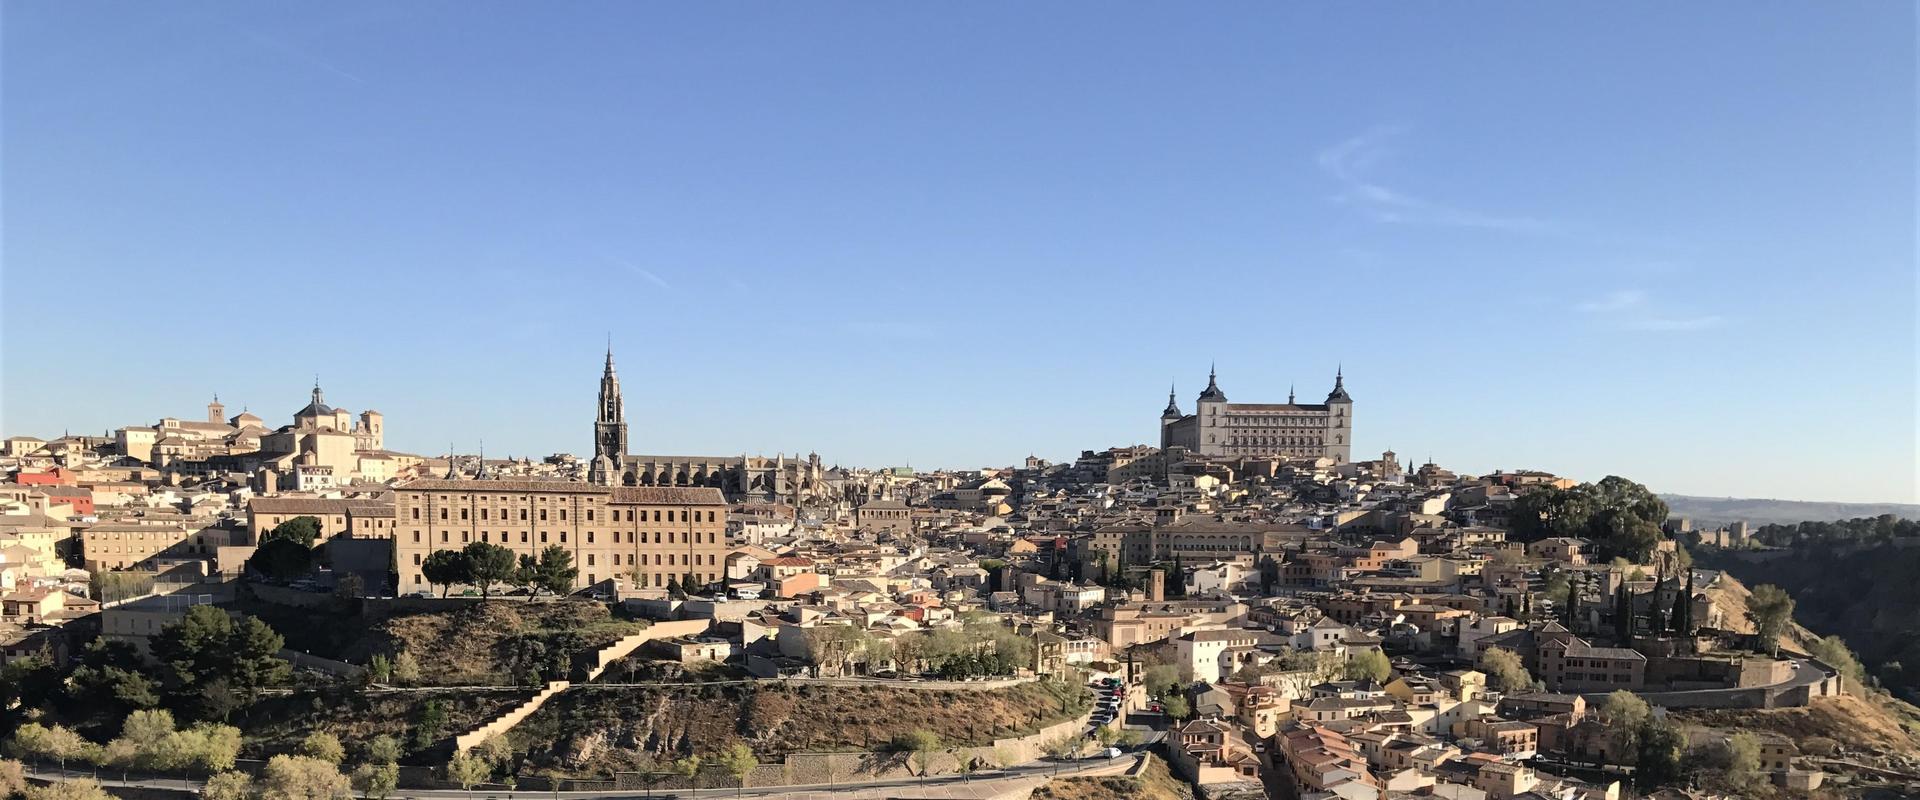 La Vista de Toledo, España